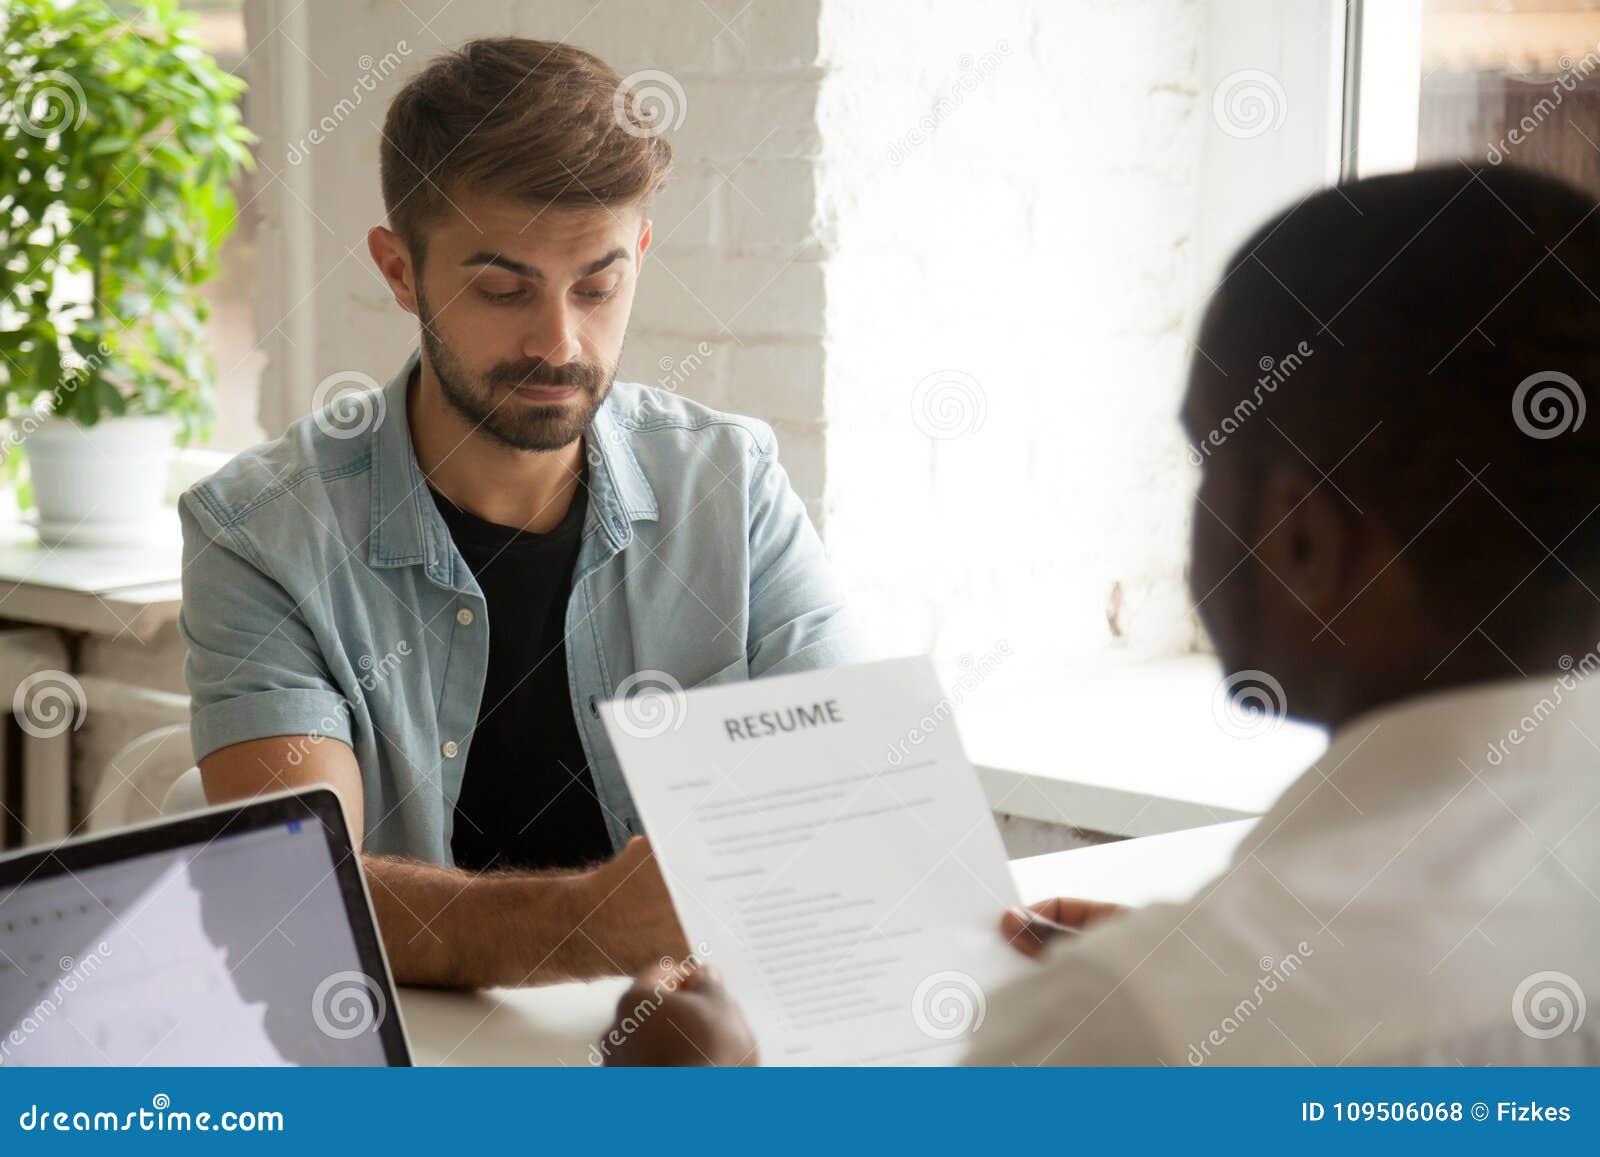 Τονισμένος υποψήφιος εργασίας νευρικό που ανησυχείται που αισθάνεται ενώ ανάγνωση ωρ.